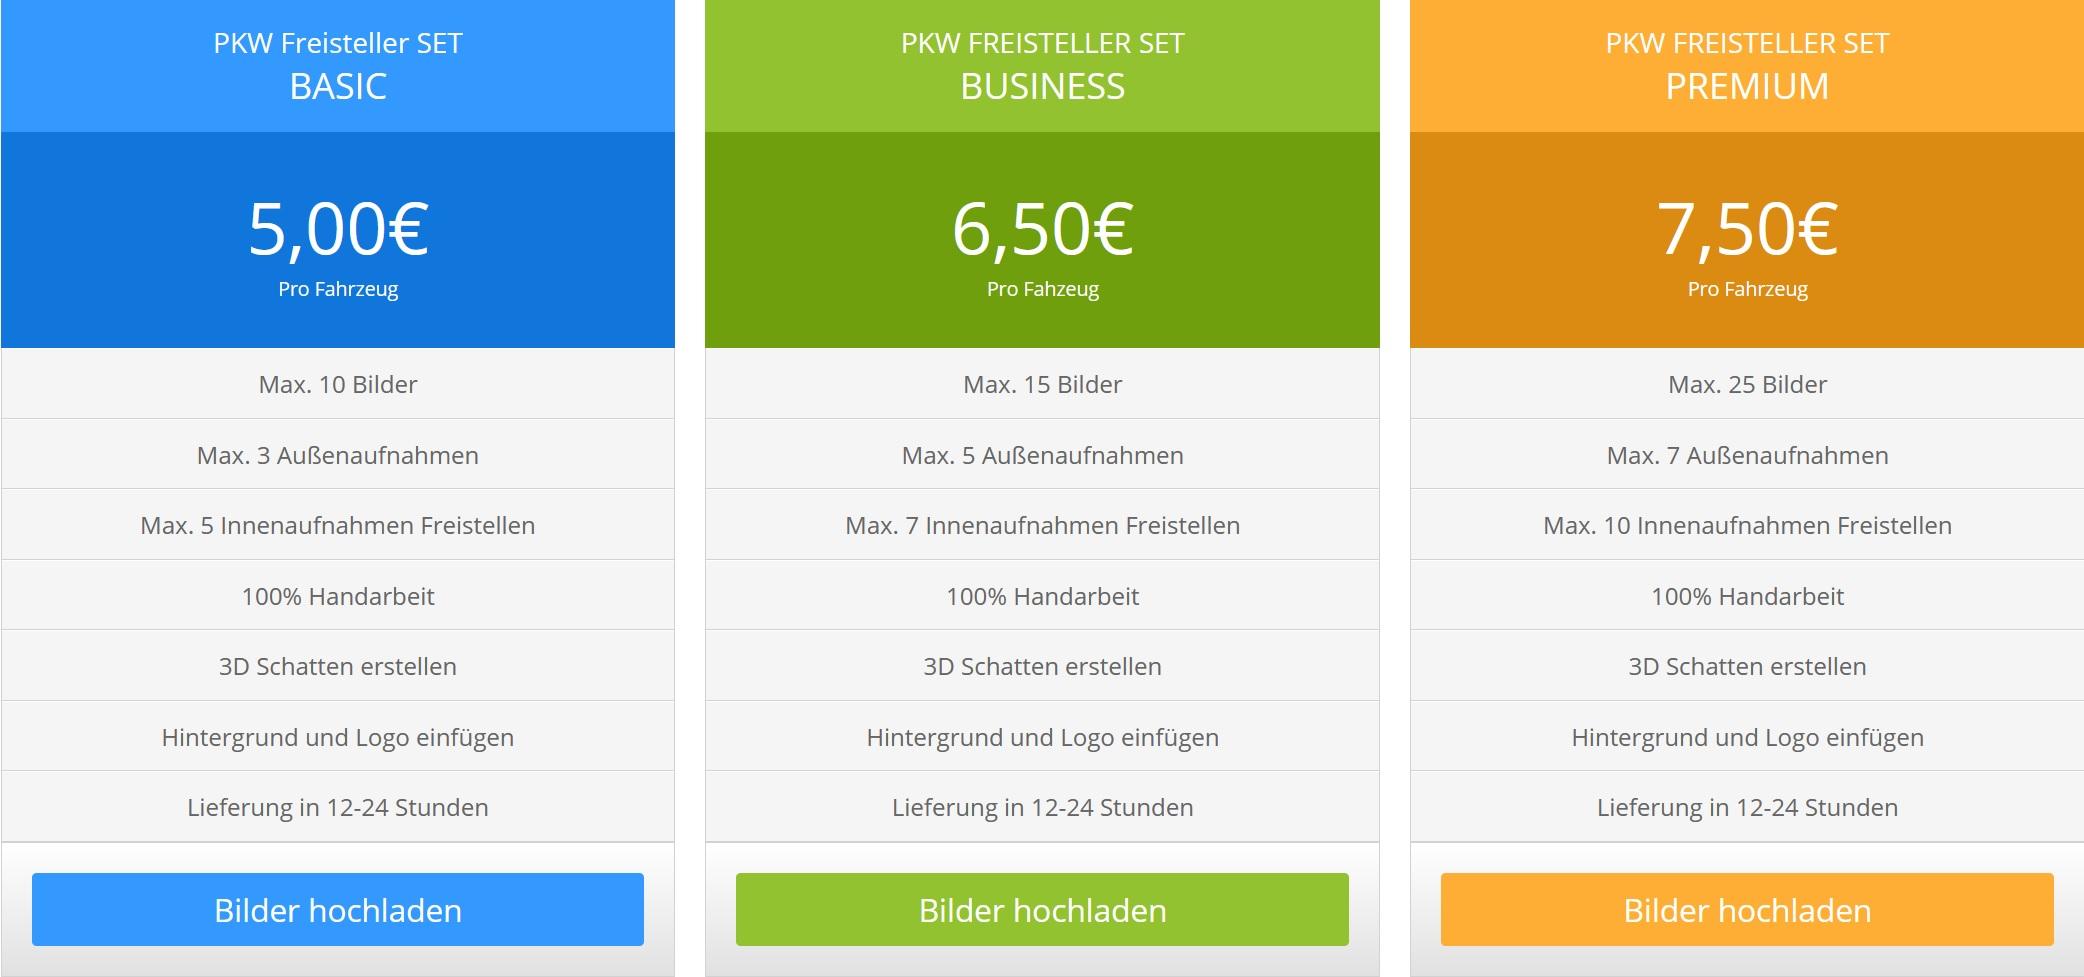 PKW und Fahrzeug-Freisteller-SET-Preis